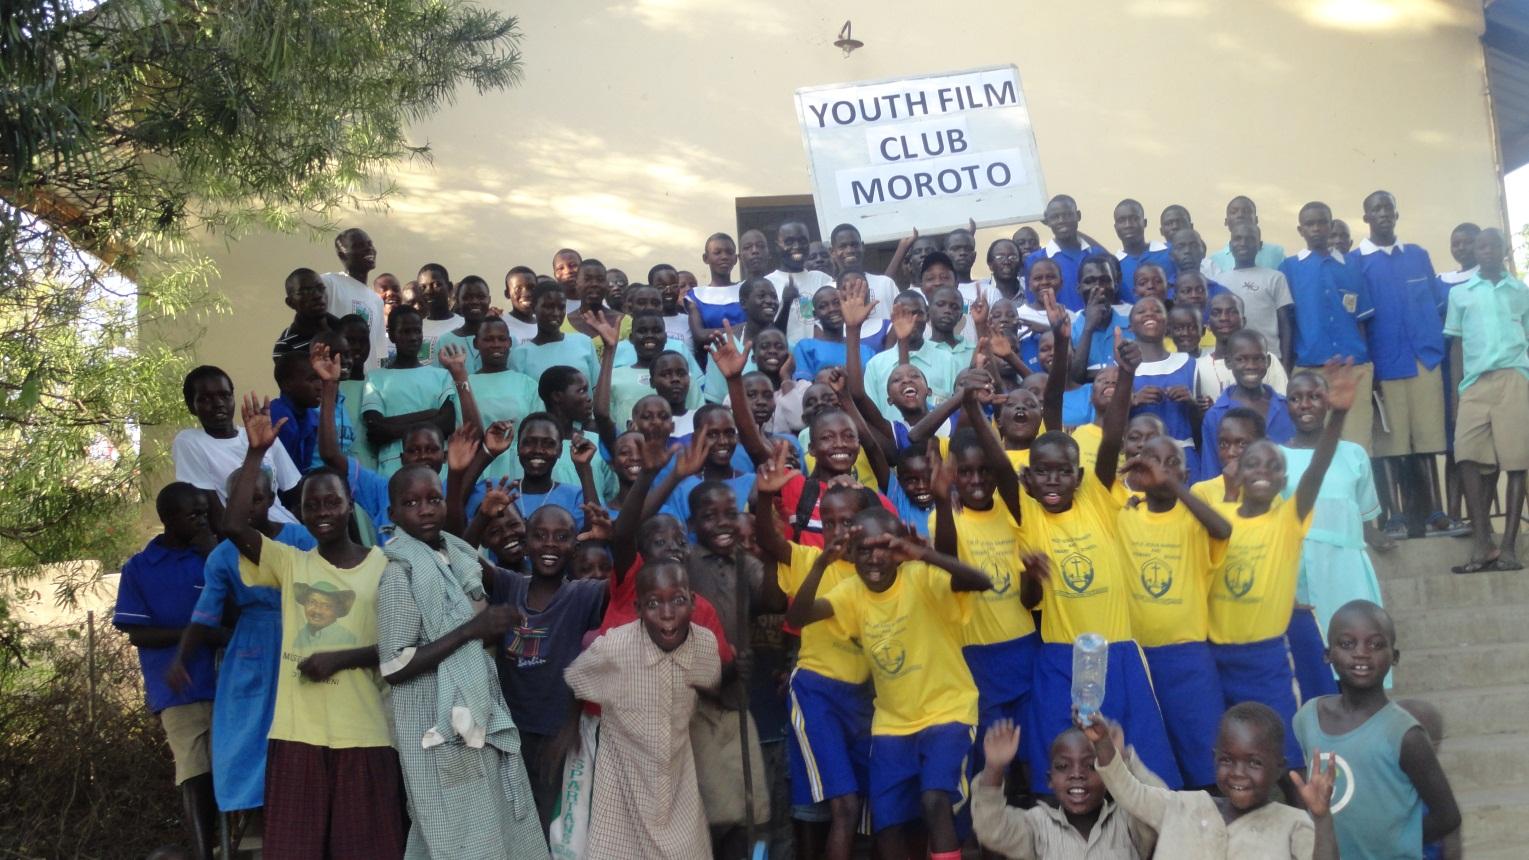 Youth & Film CLub Moroto